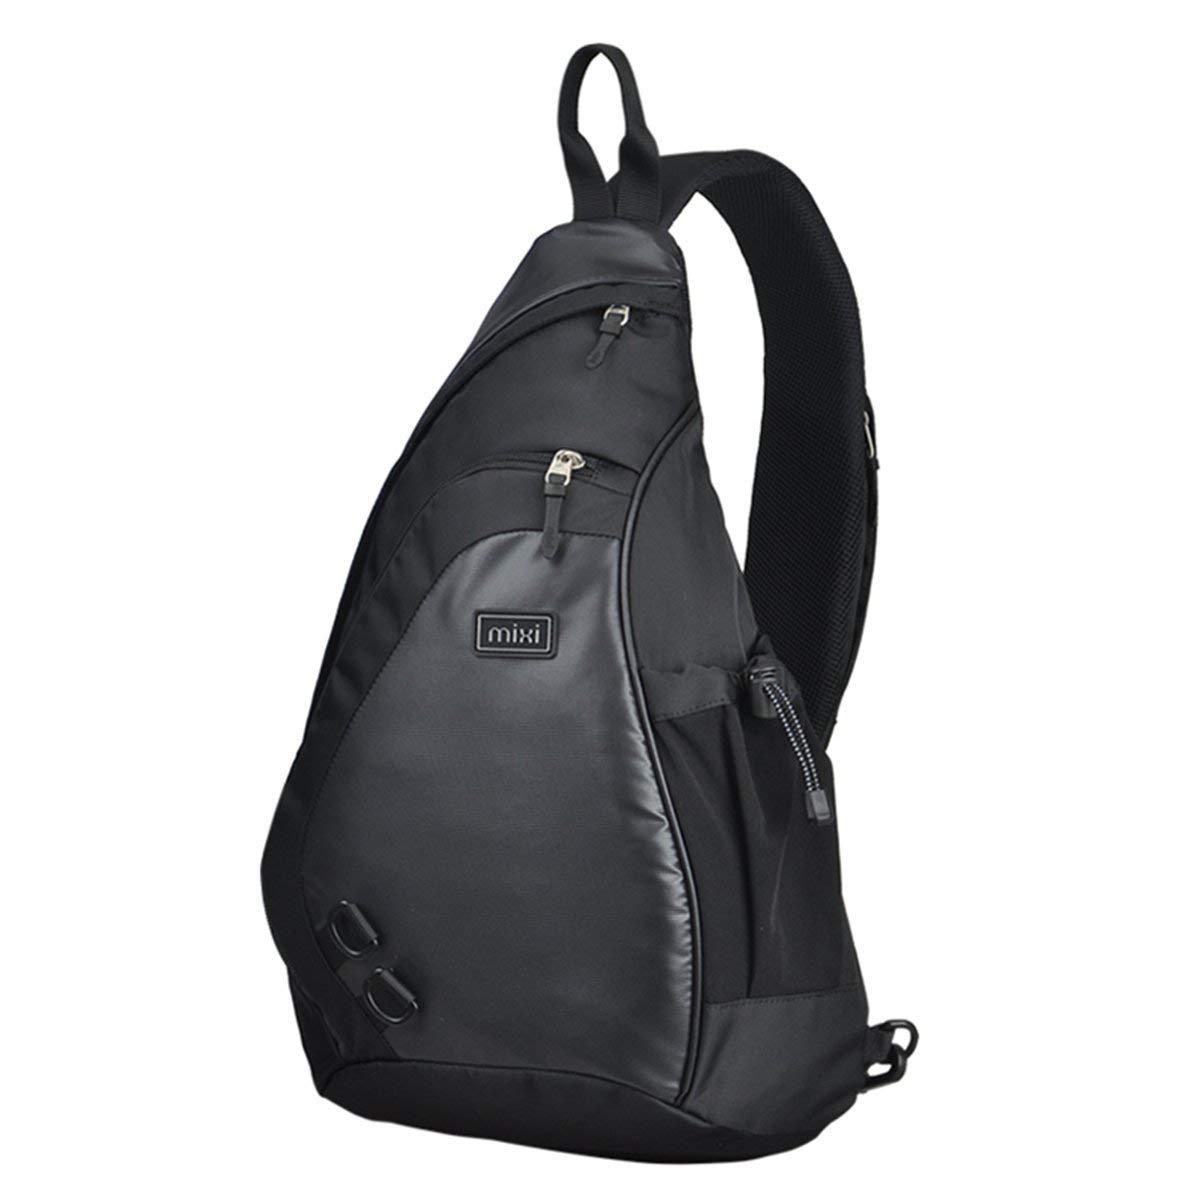 Single Strap Shoulder Crossbody Backpack, 17-Inch, Blue or Black - $10.91 FS